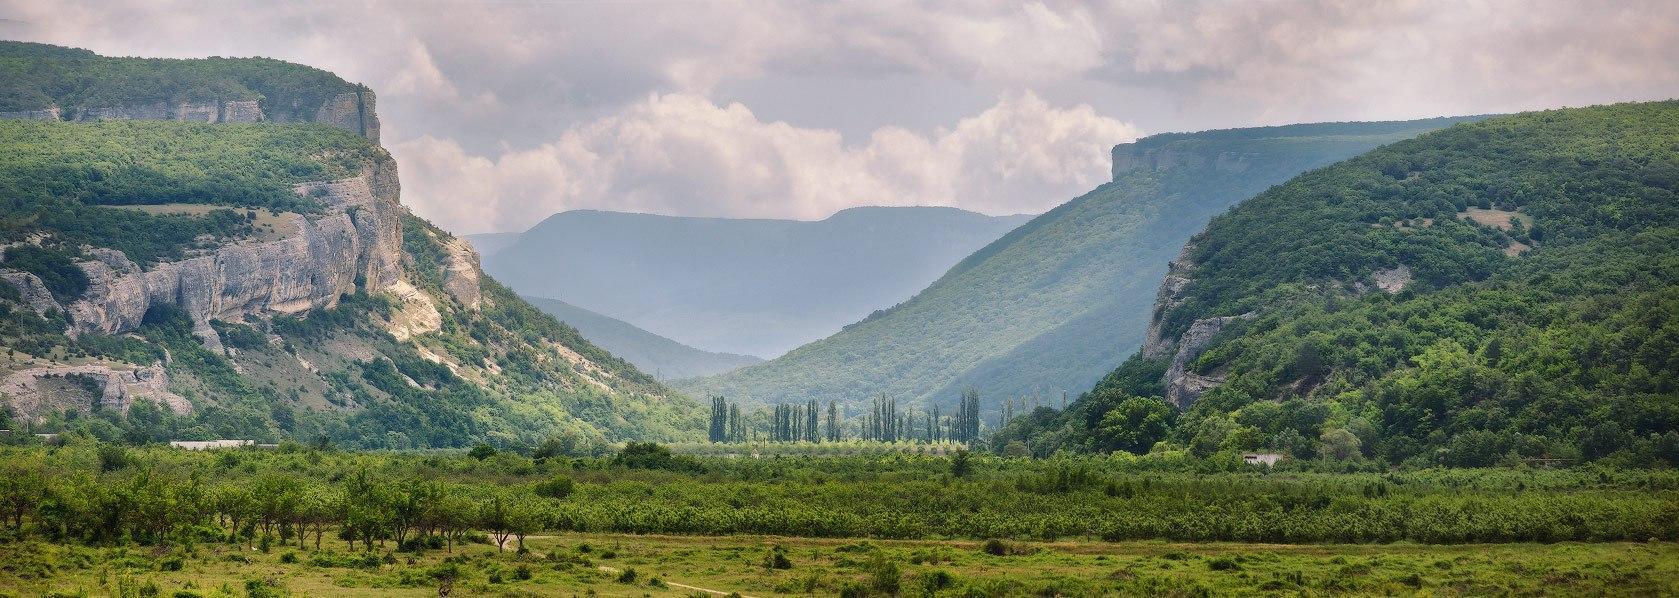 Бельбекская долина